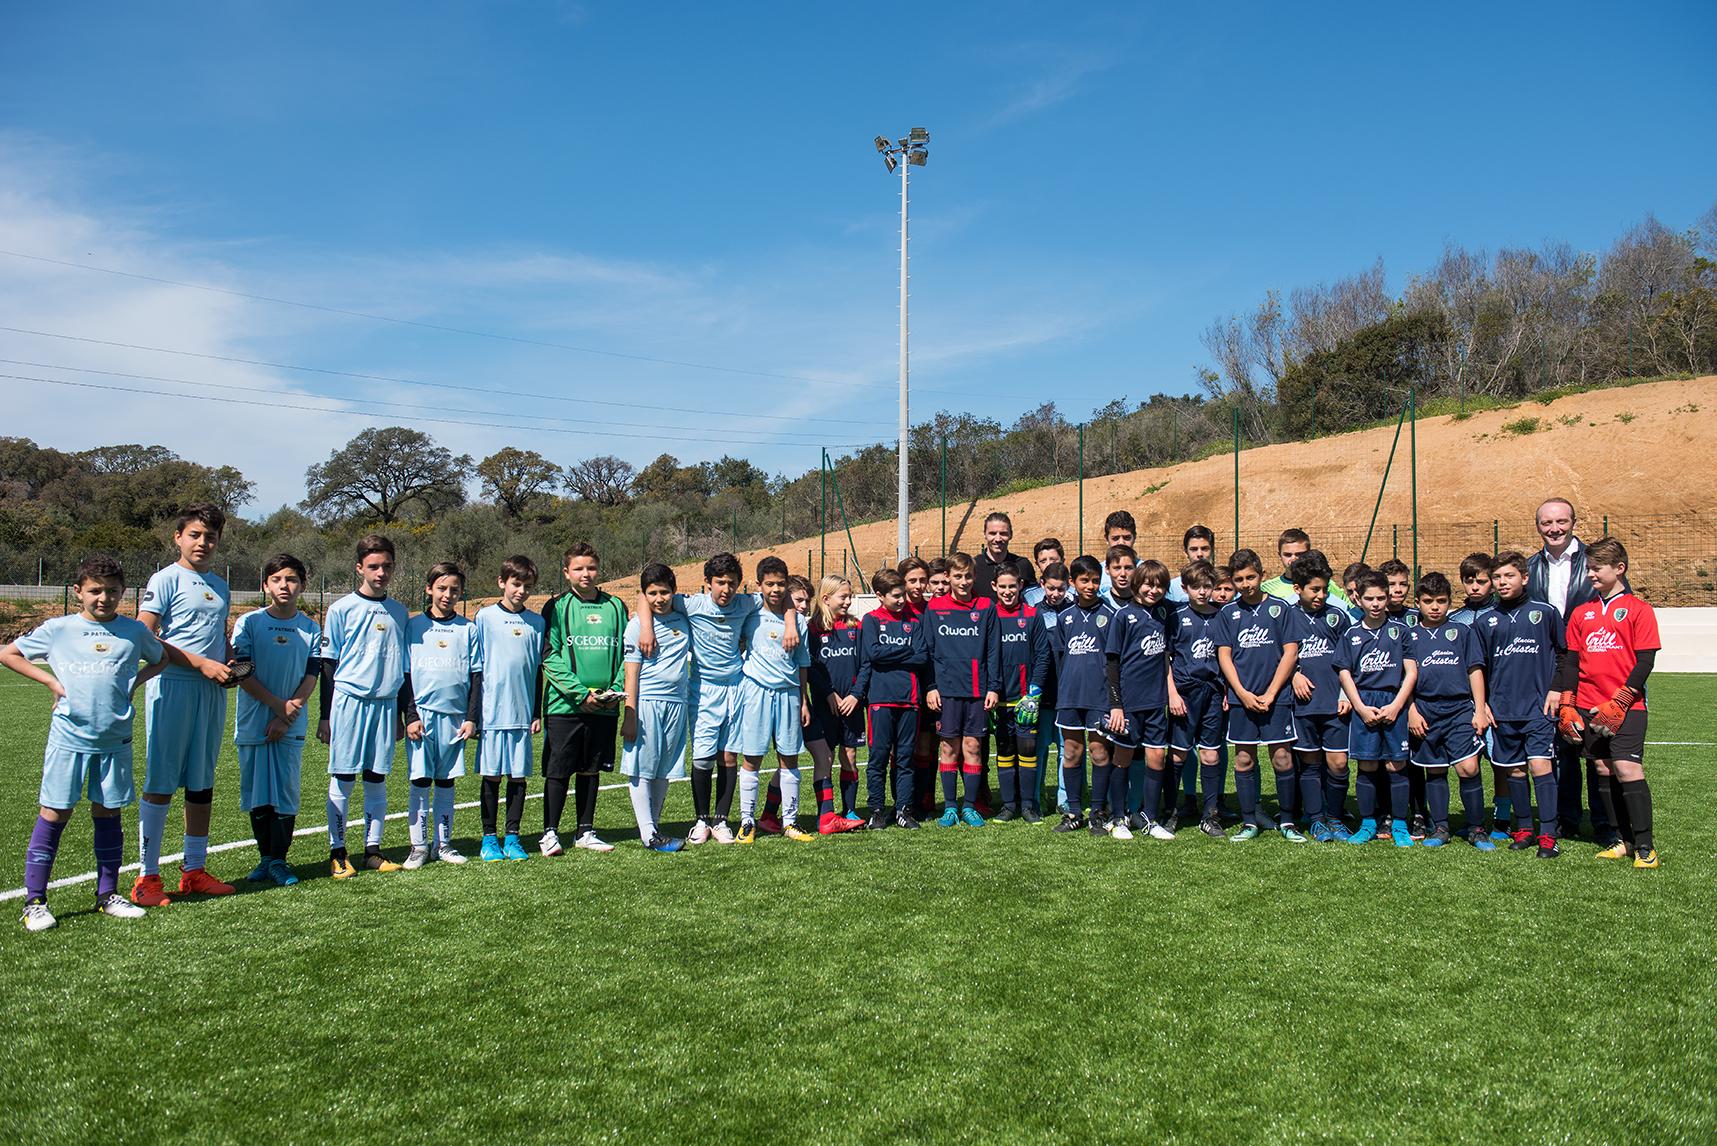 Les jeunes footballeurs des clubs de la JSA, de l'AS des Cannes, du GFCA, du FCA, de l'ACA et de Bocognano avec Yannick Cahuzac.